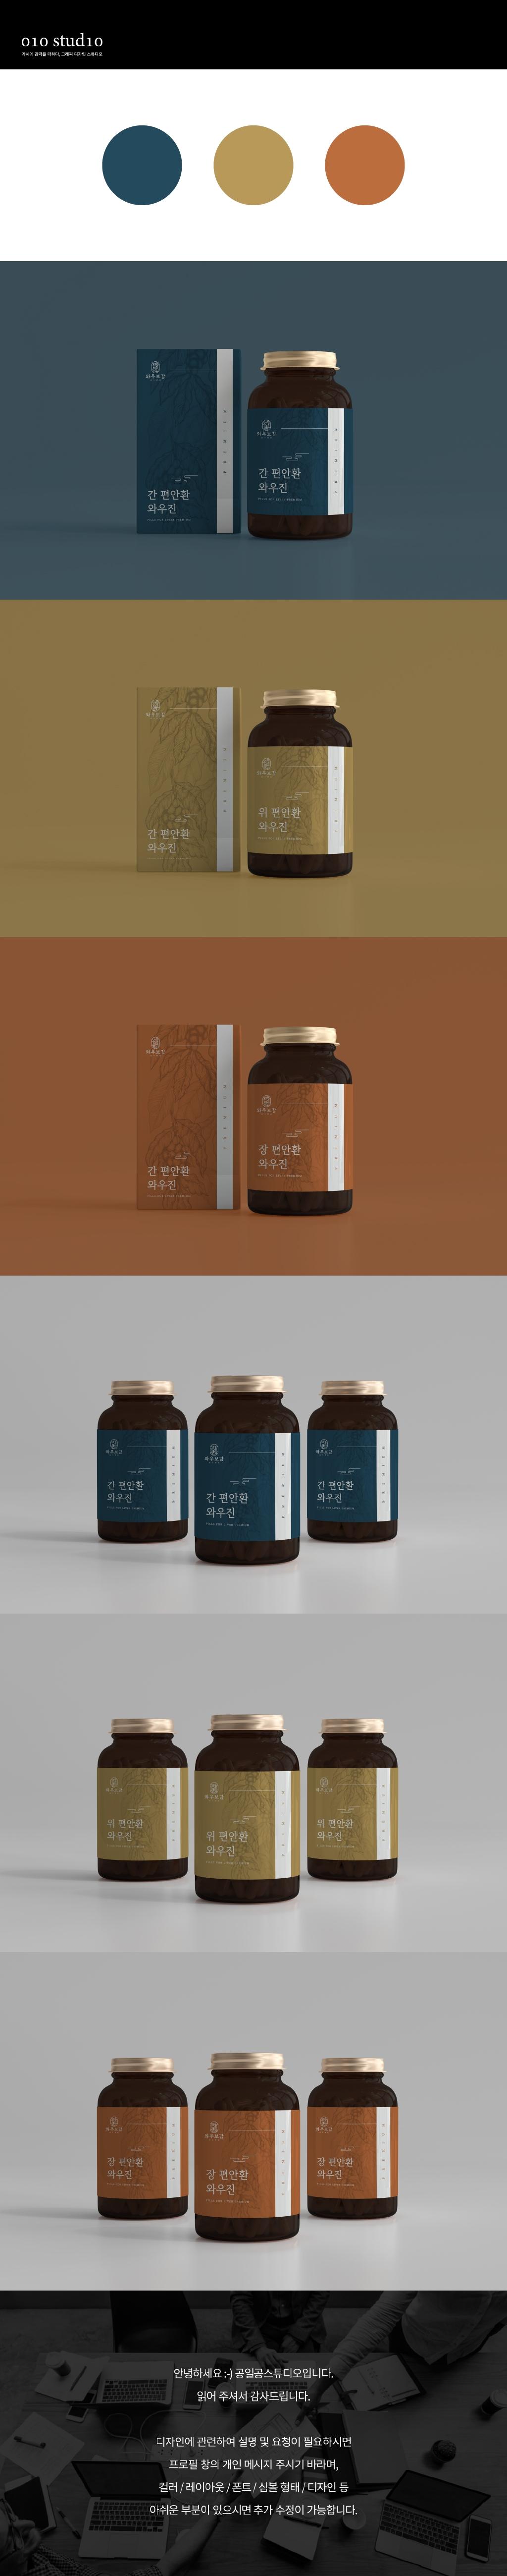 패키지 디자인 | 와우보감 프리미엄 건강환 패키지디자인 의뢰 | 라우드소싱 포트폴리오